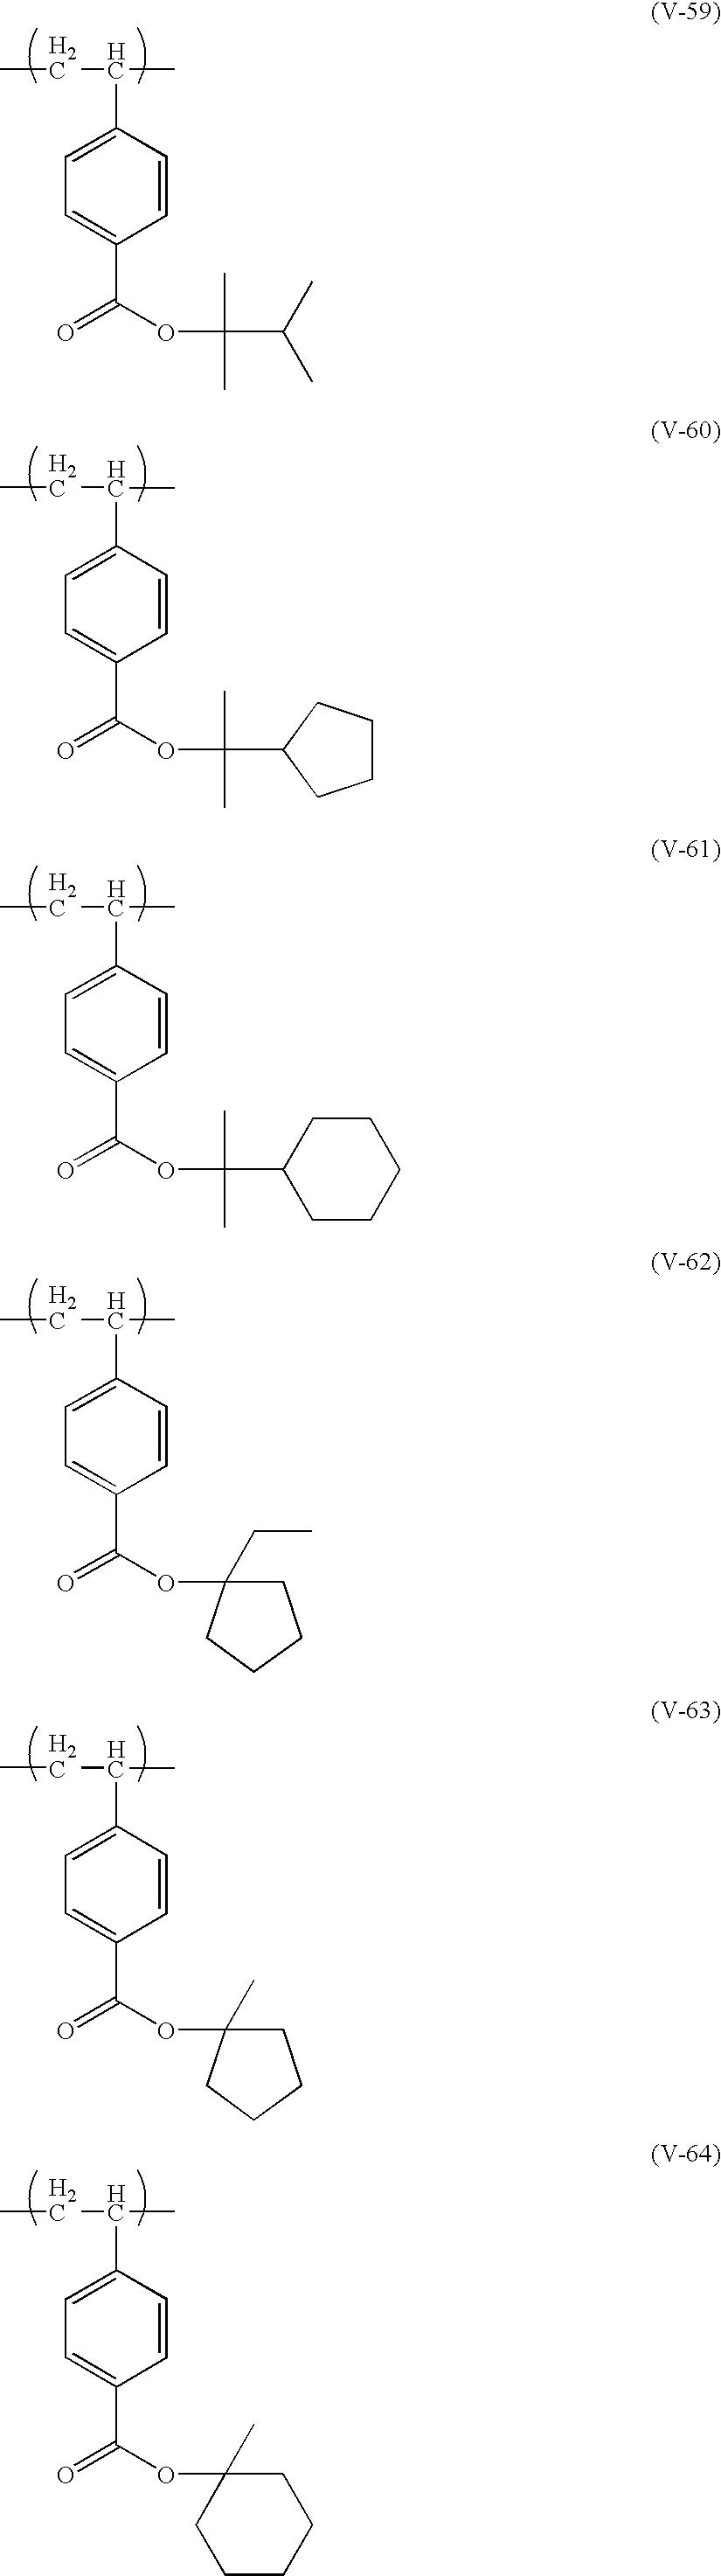 Figure US20100183975A1-20100722-C00118